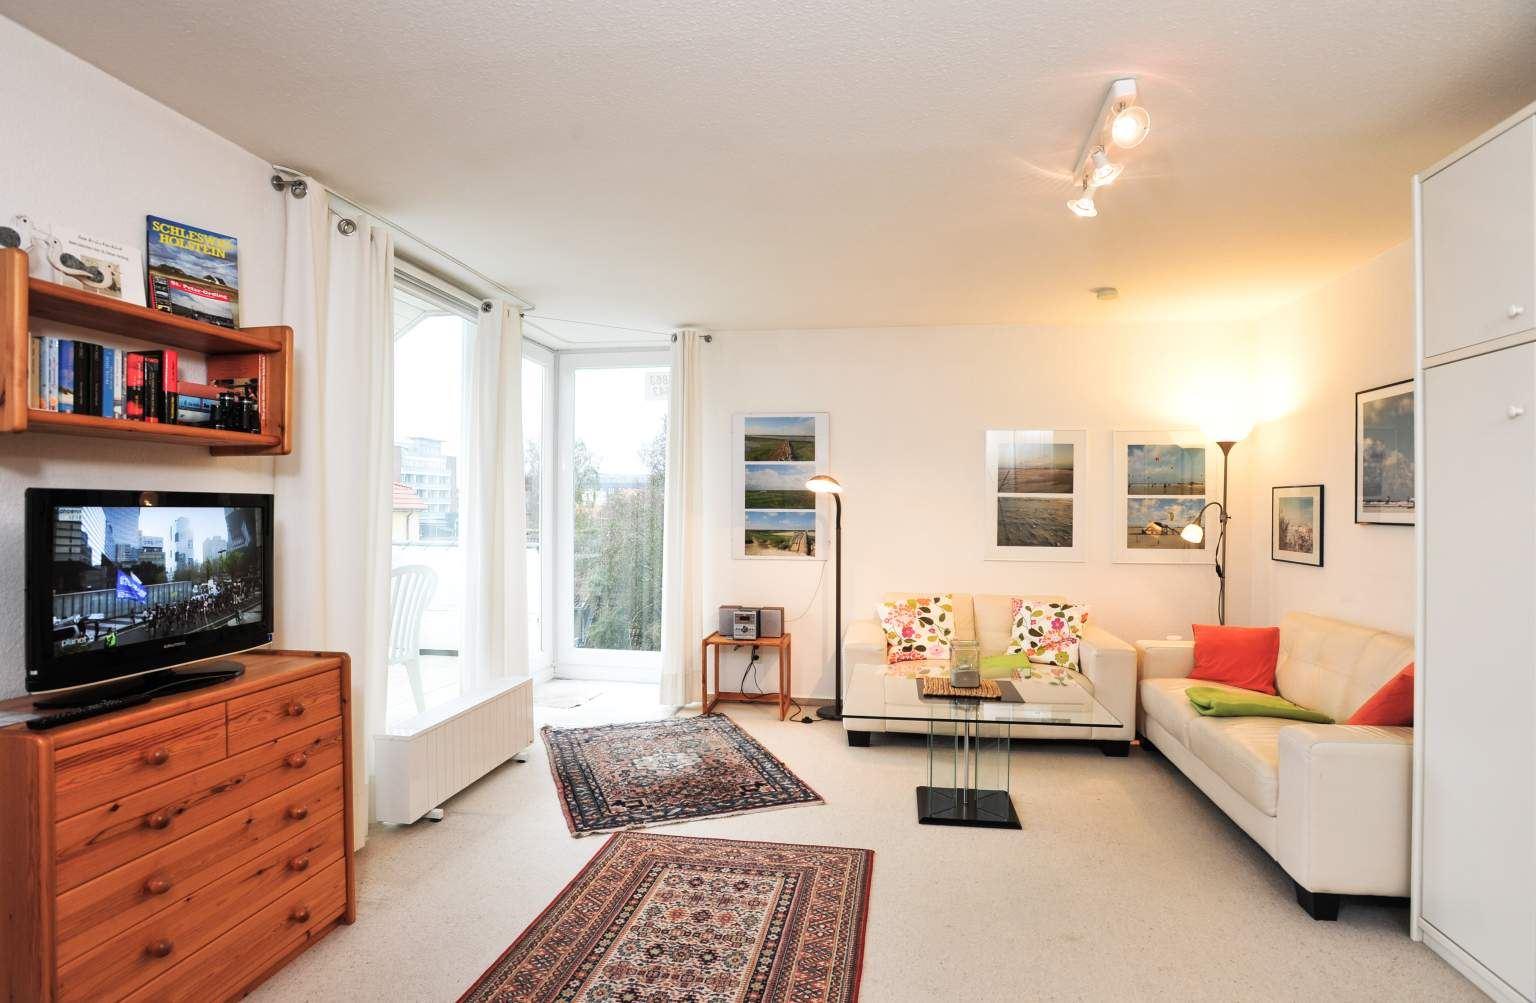 Wohnanlage Blanker Hans II, Wohnung 11 Seebrueckenblick, Blanker-Hans-Weg 5, St. Peter-Bad - Wohnzimmer